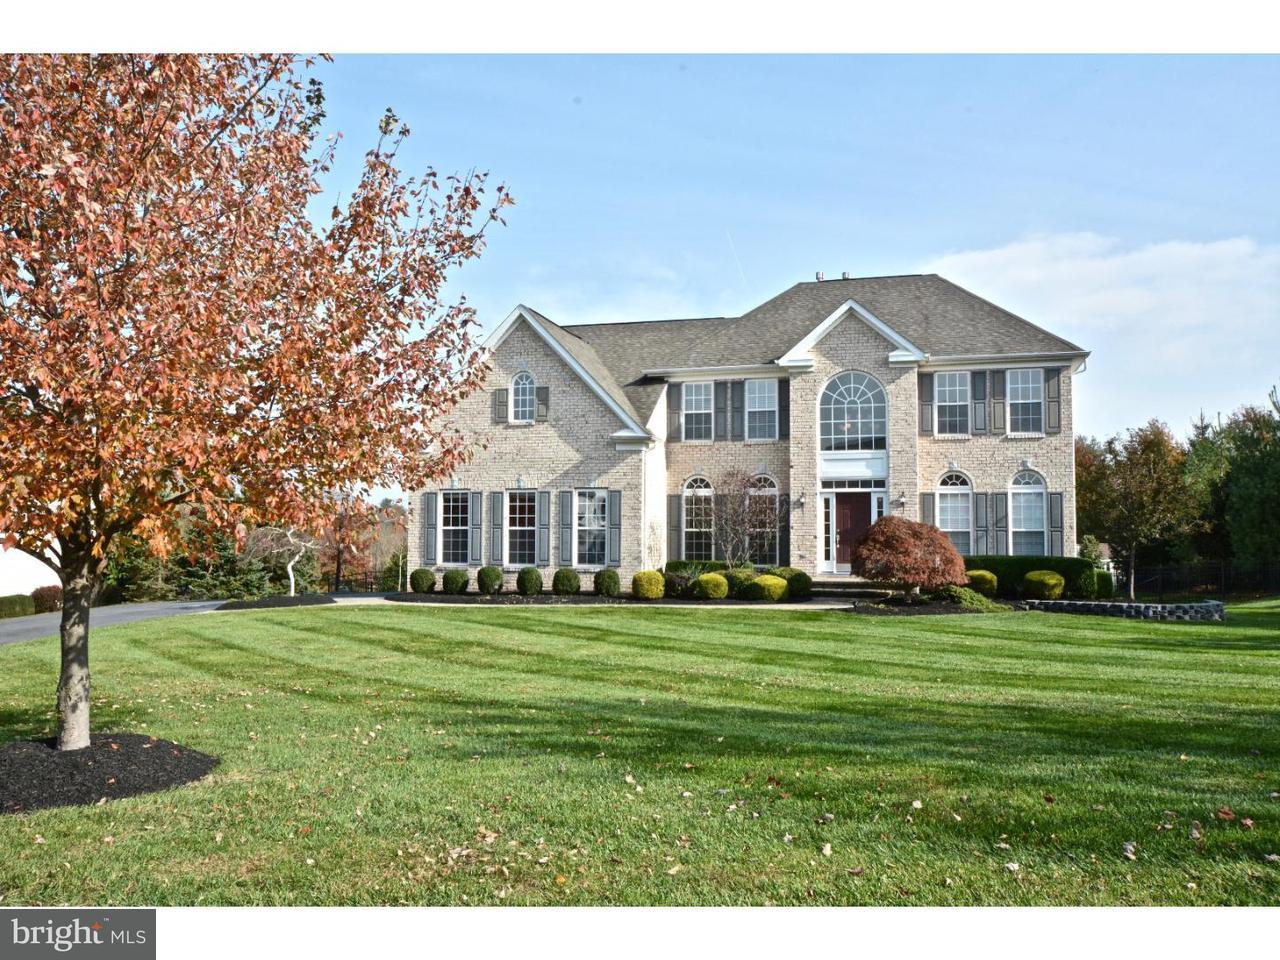 Casa Unifamiliar por un Venta en 6 WHITEHOUSE WAY Ringoes, Nueva Jersey 08551 Estados UnidosEn/Alrededor: Raritan Township